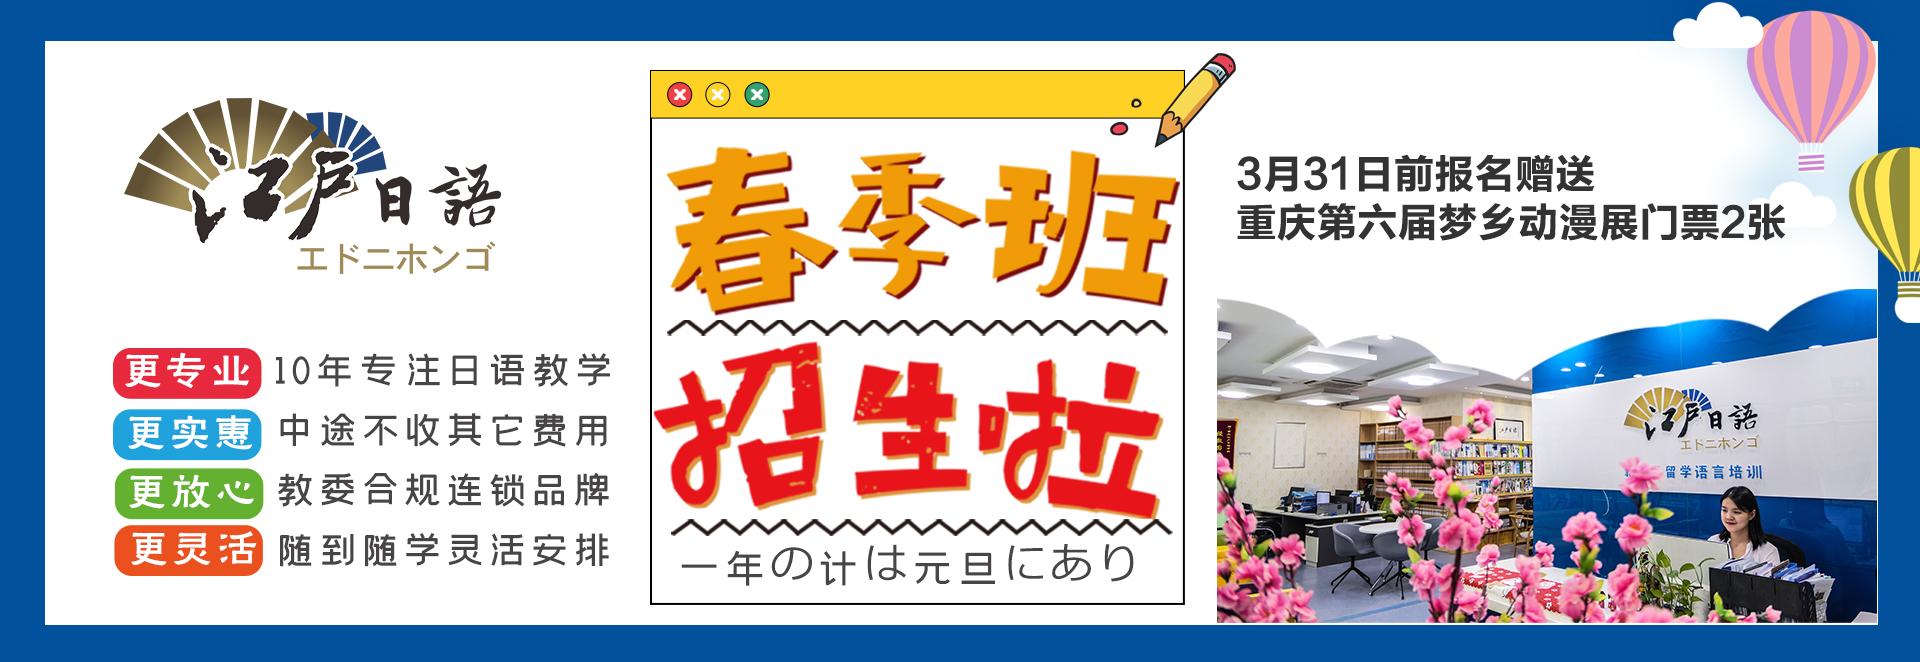 江户日语重庆日语训班